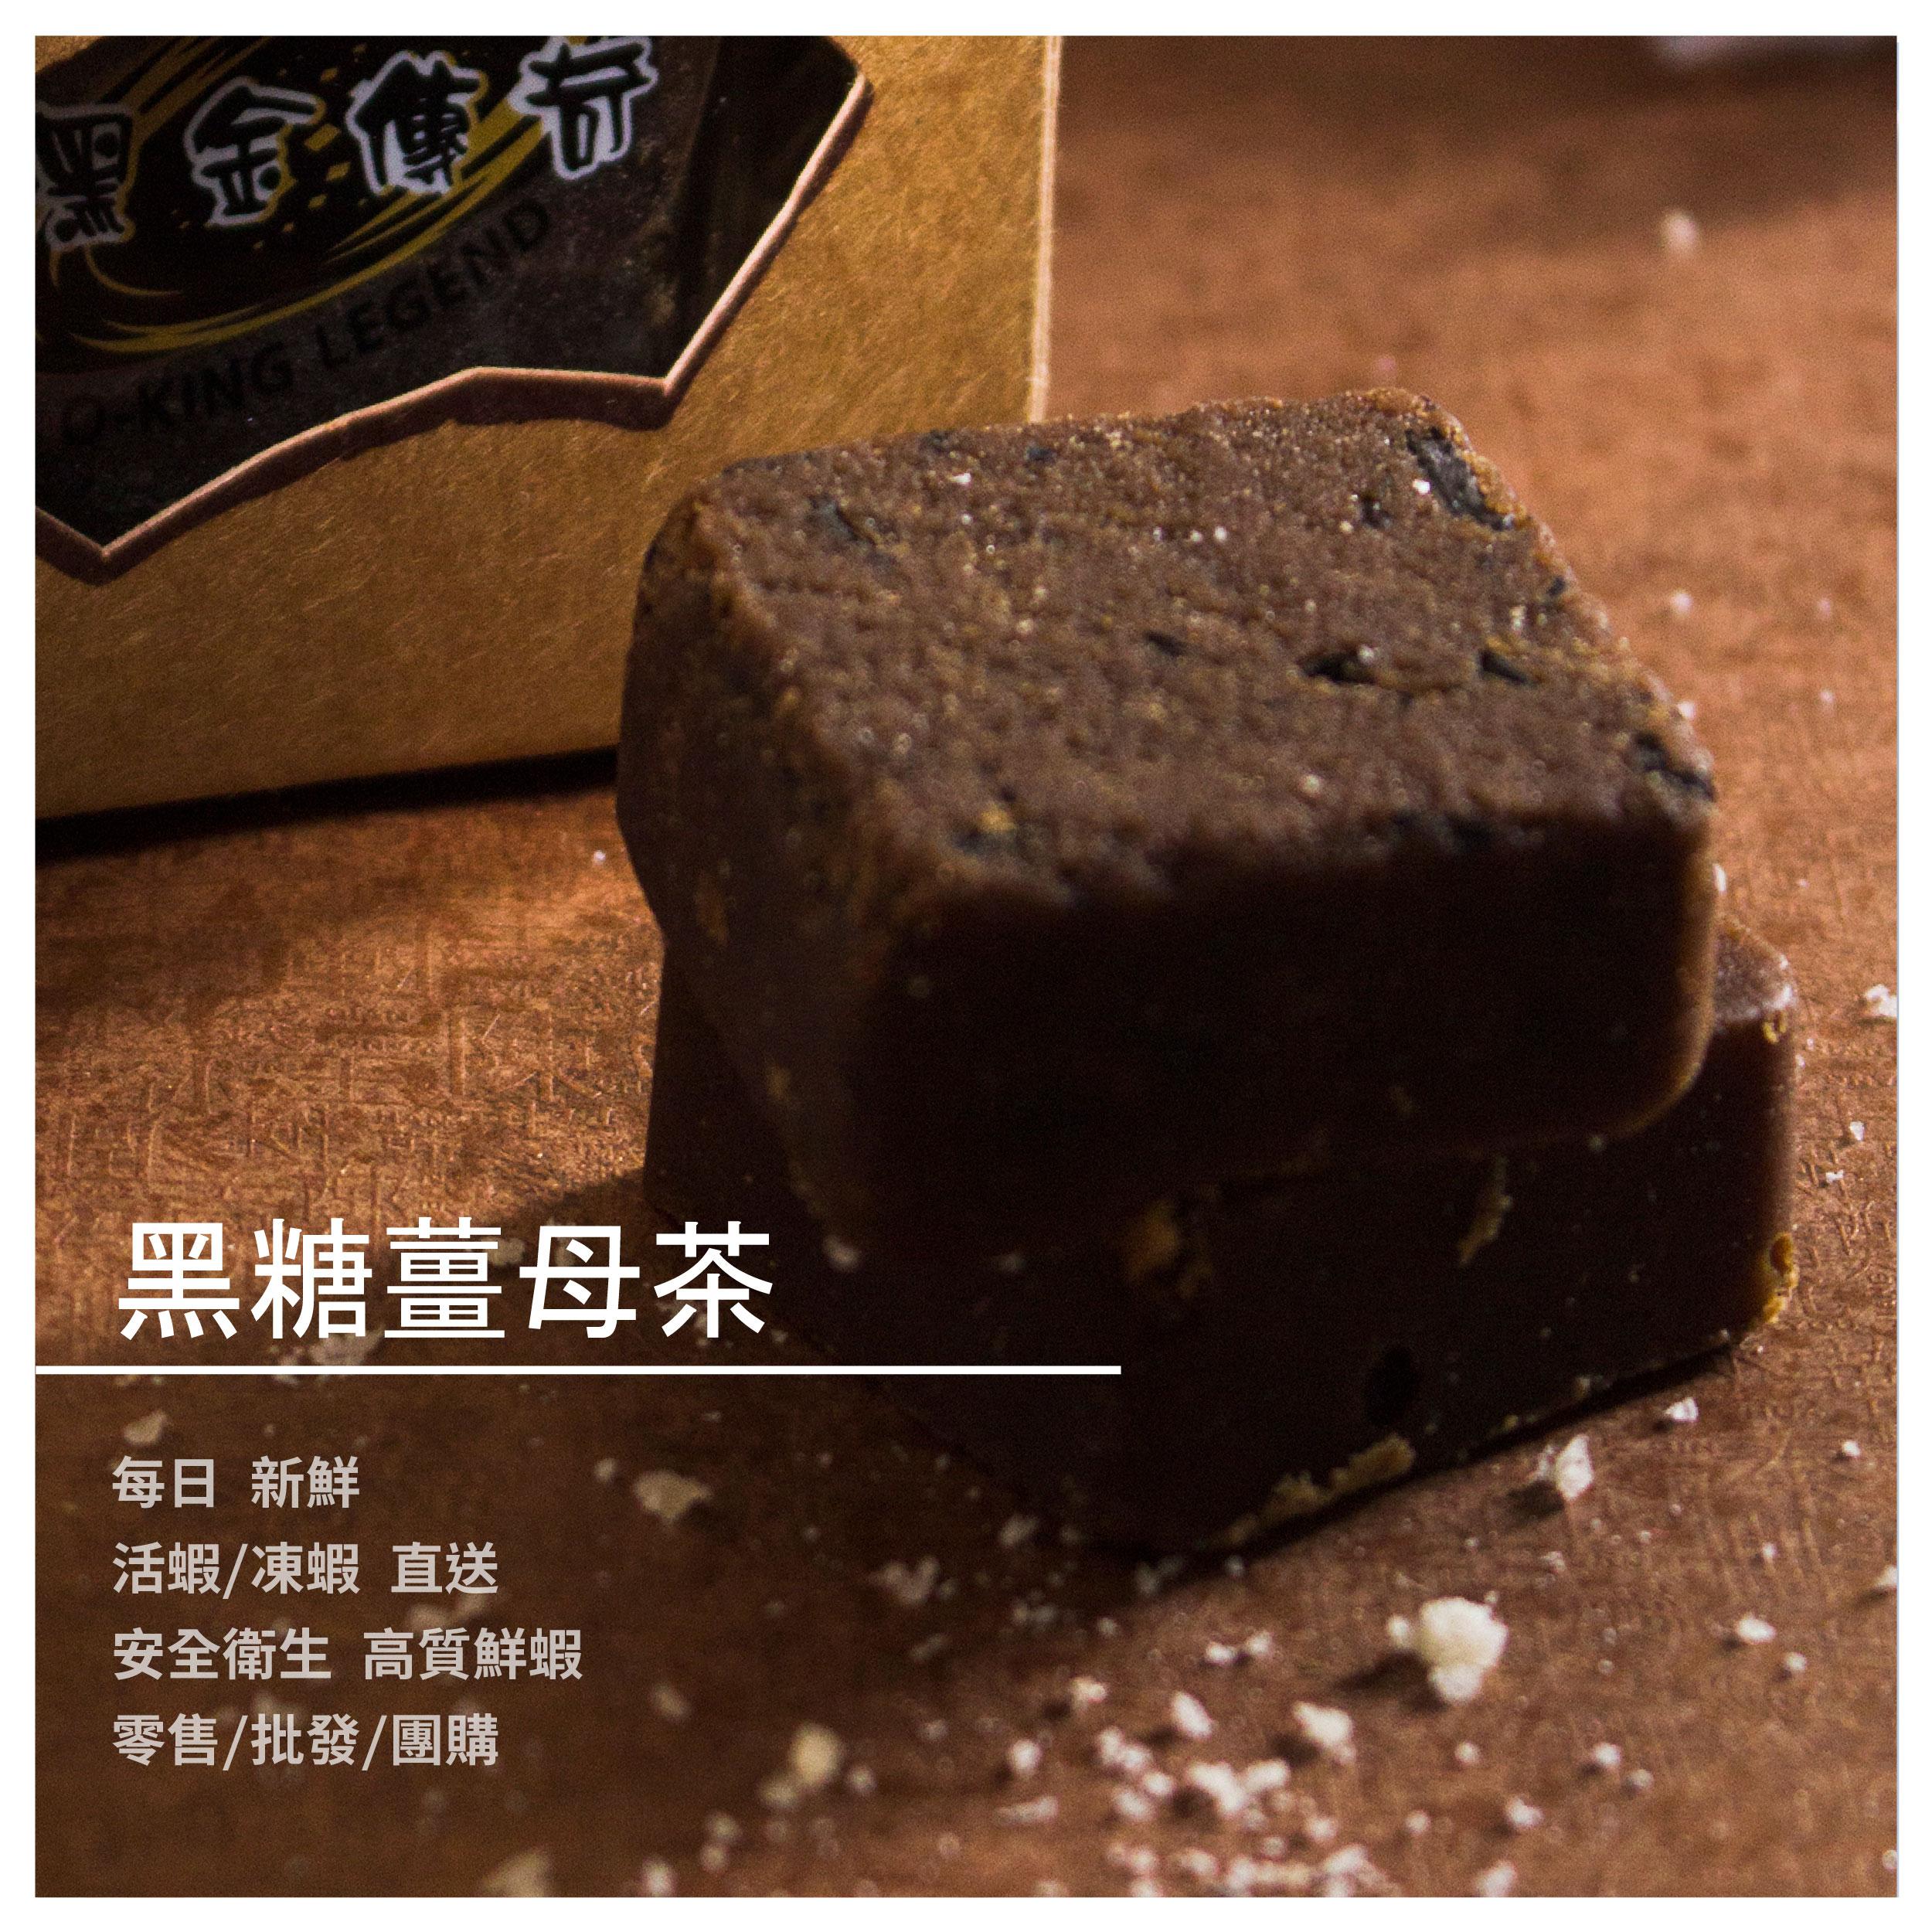 【黑金傳奇黑糖薑母茶】黑糖薑母茶